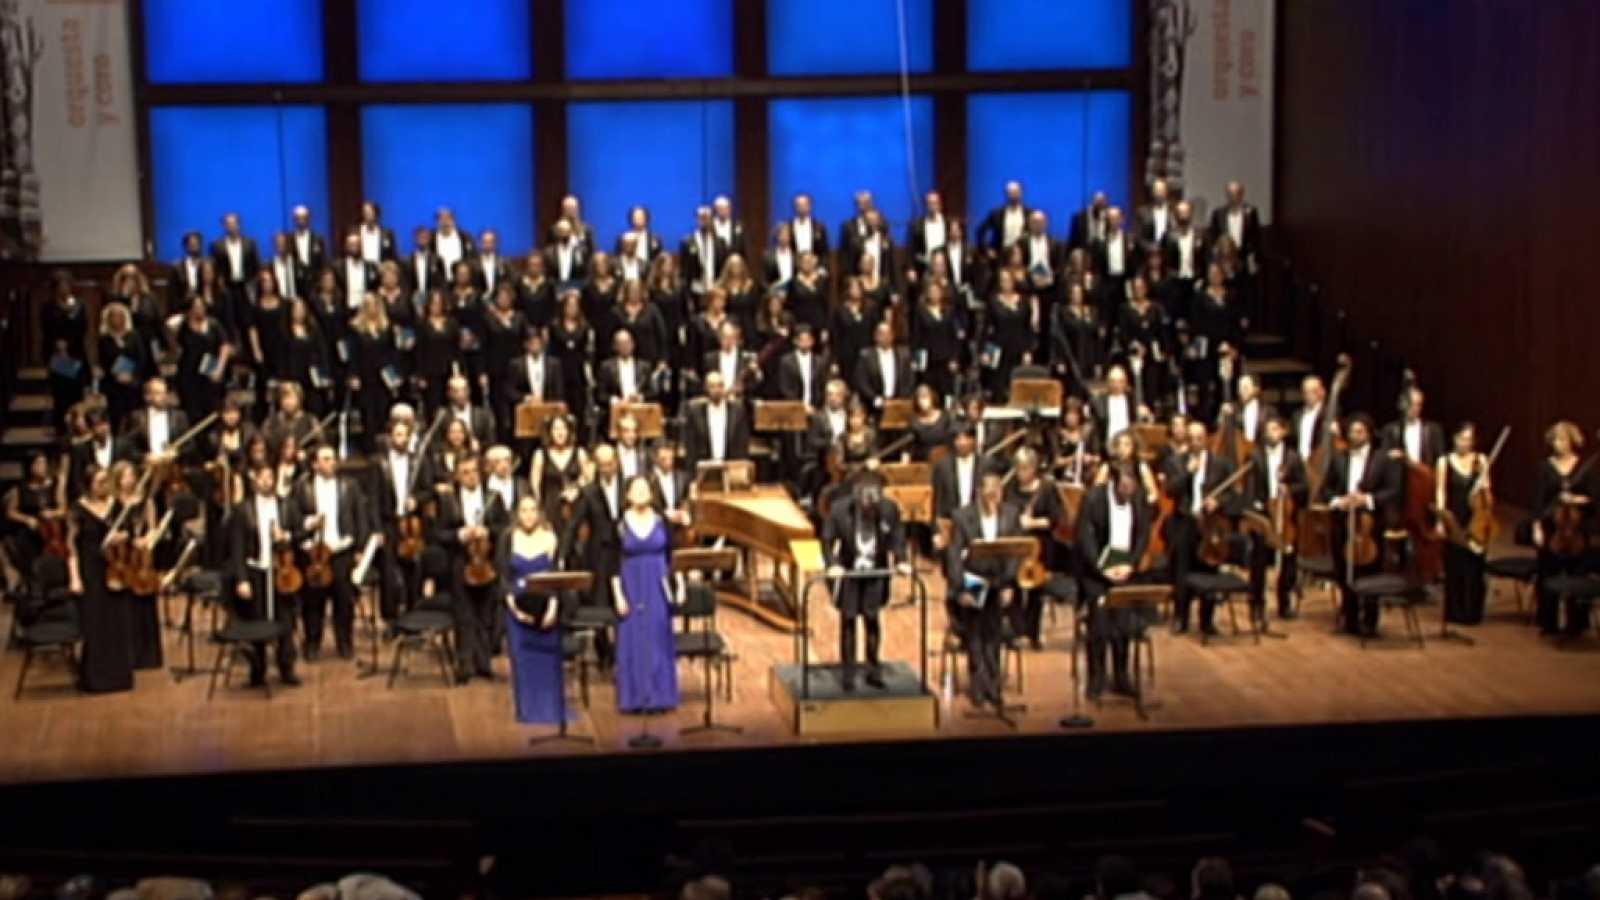 Felicitaciones De Navidad Youtube 2019.Los Conciertos De La 2 Orquesta Sinfonica Y Coro Rtve Concierto De Navidad Parte 1